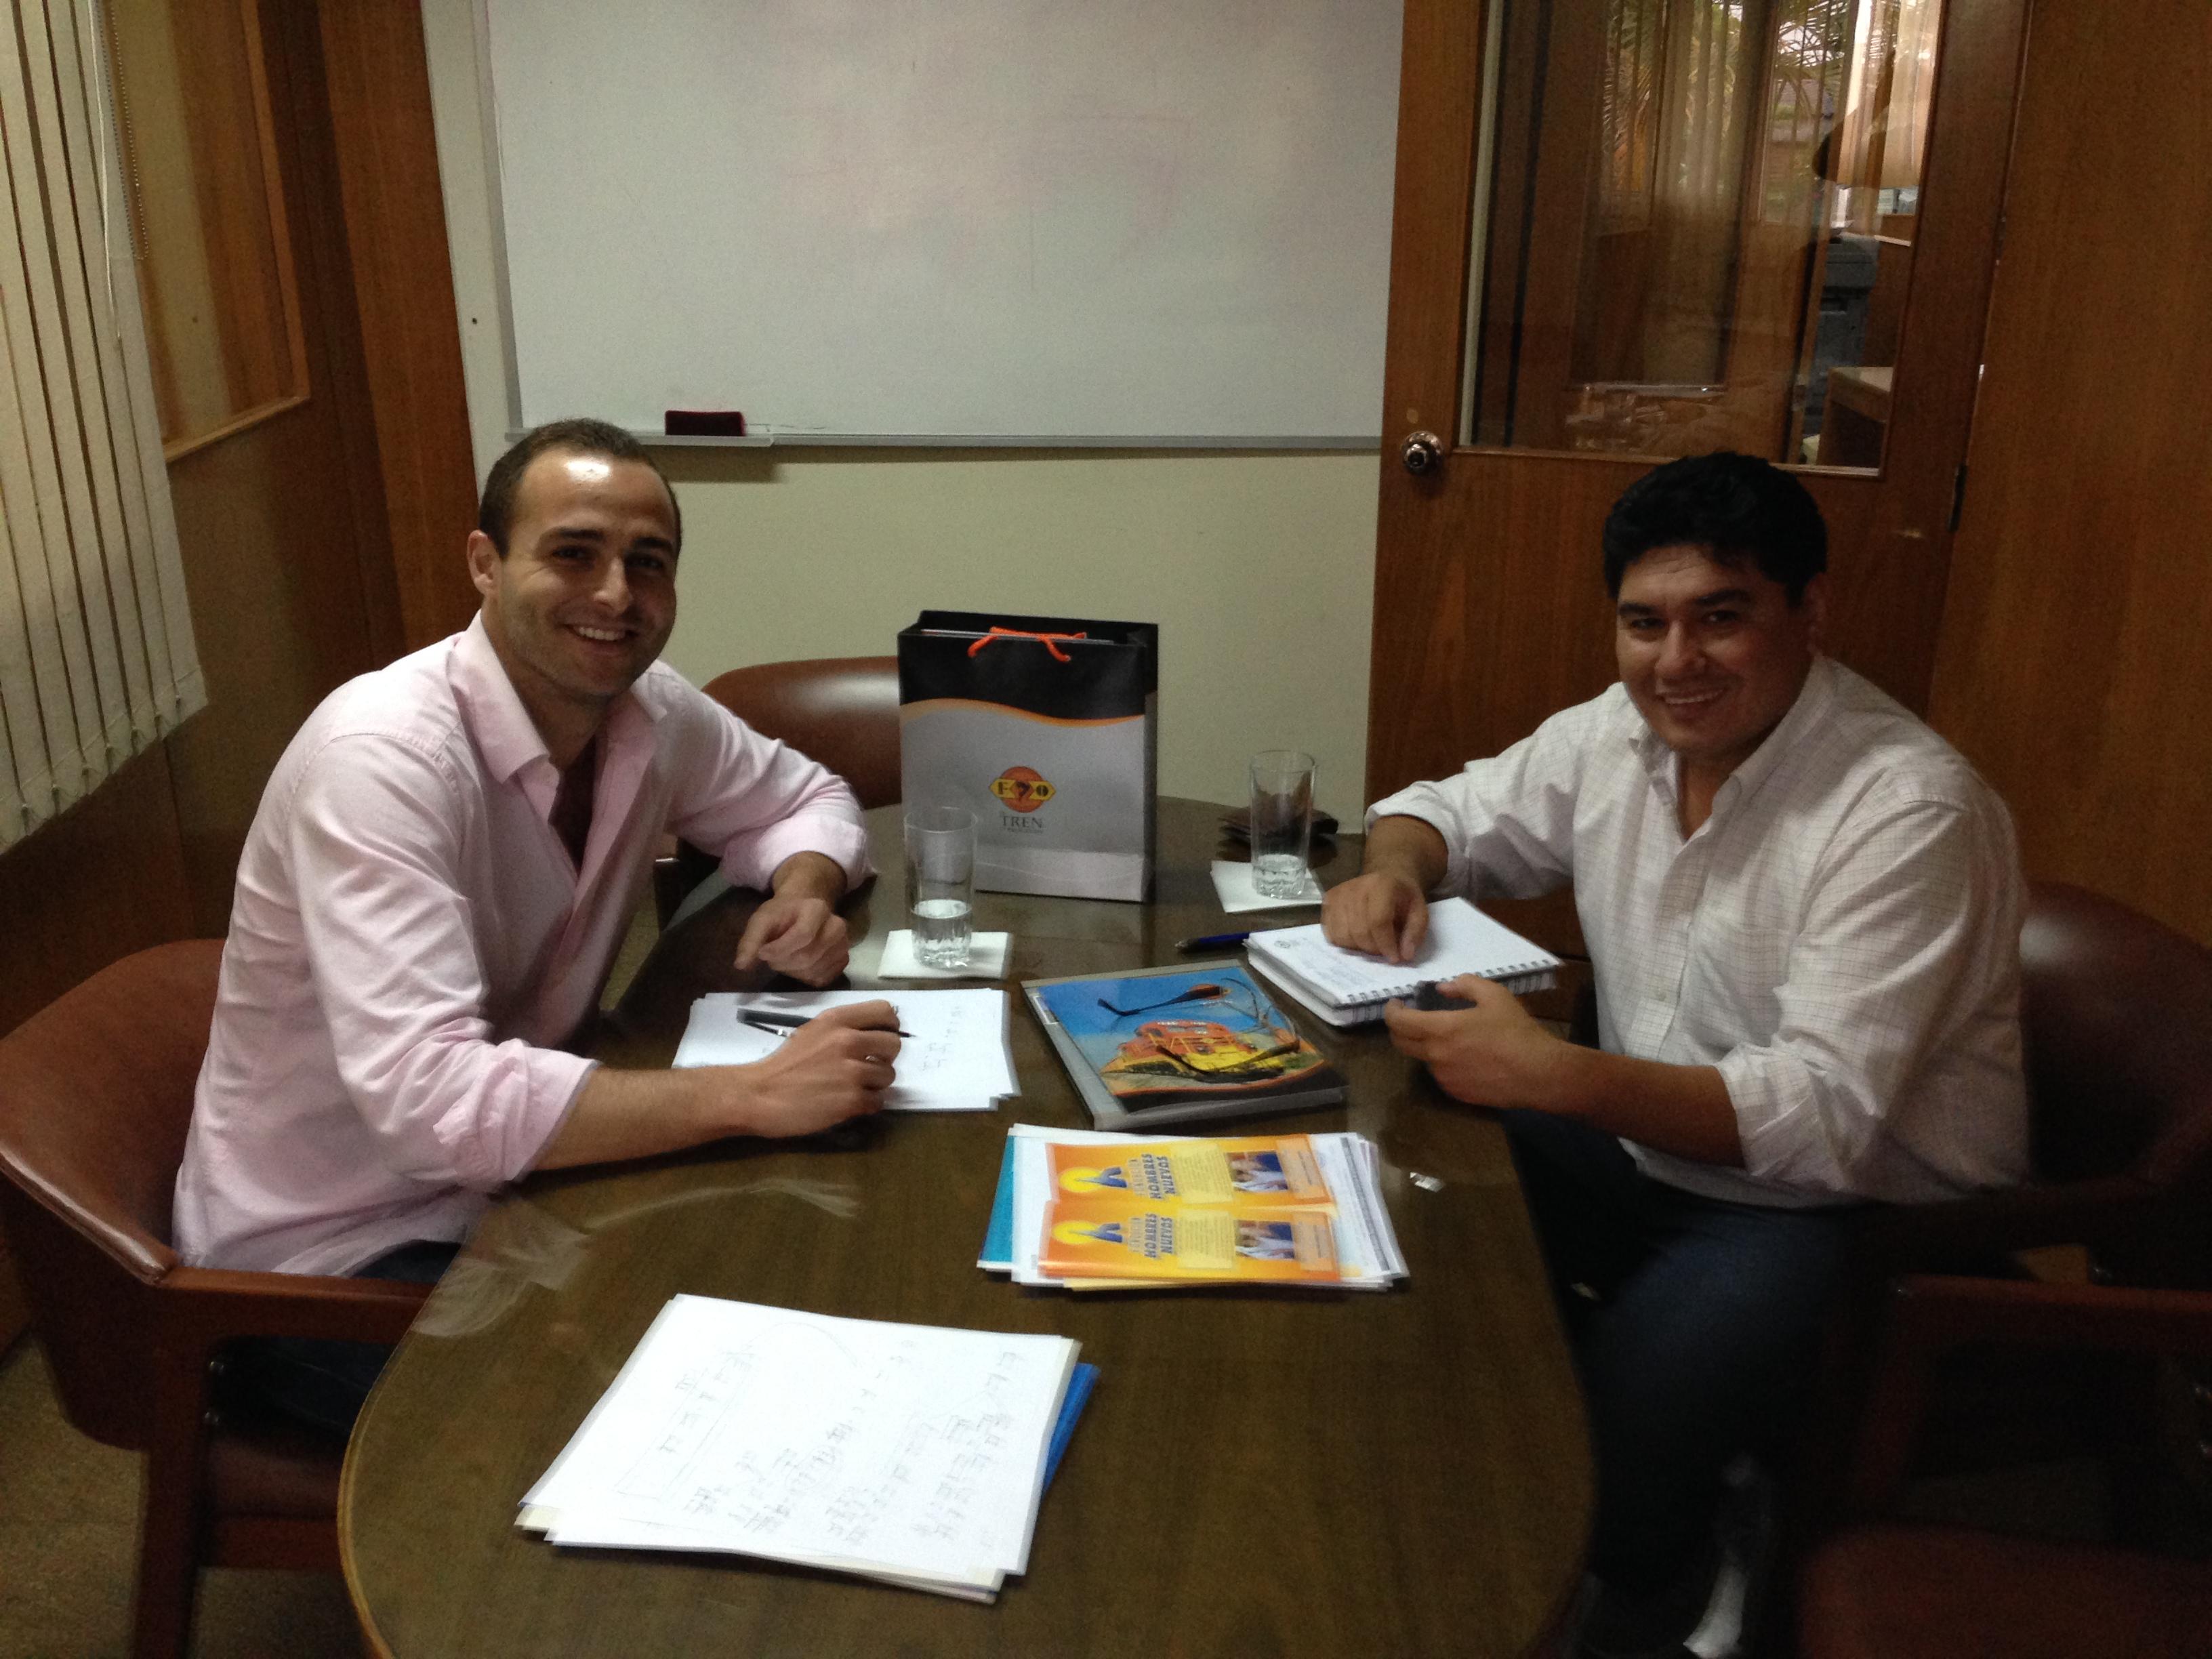 Con Ángel Sandóval (Jefe de la Unidad de Relaciones Externas) de Ferroviaria Oriental S.A.